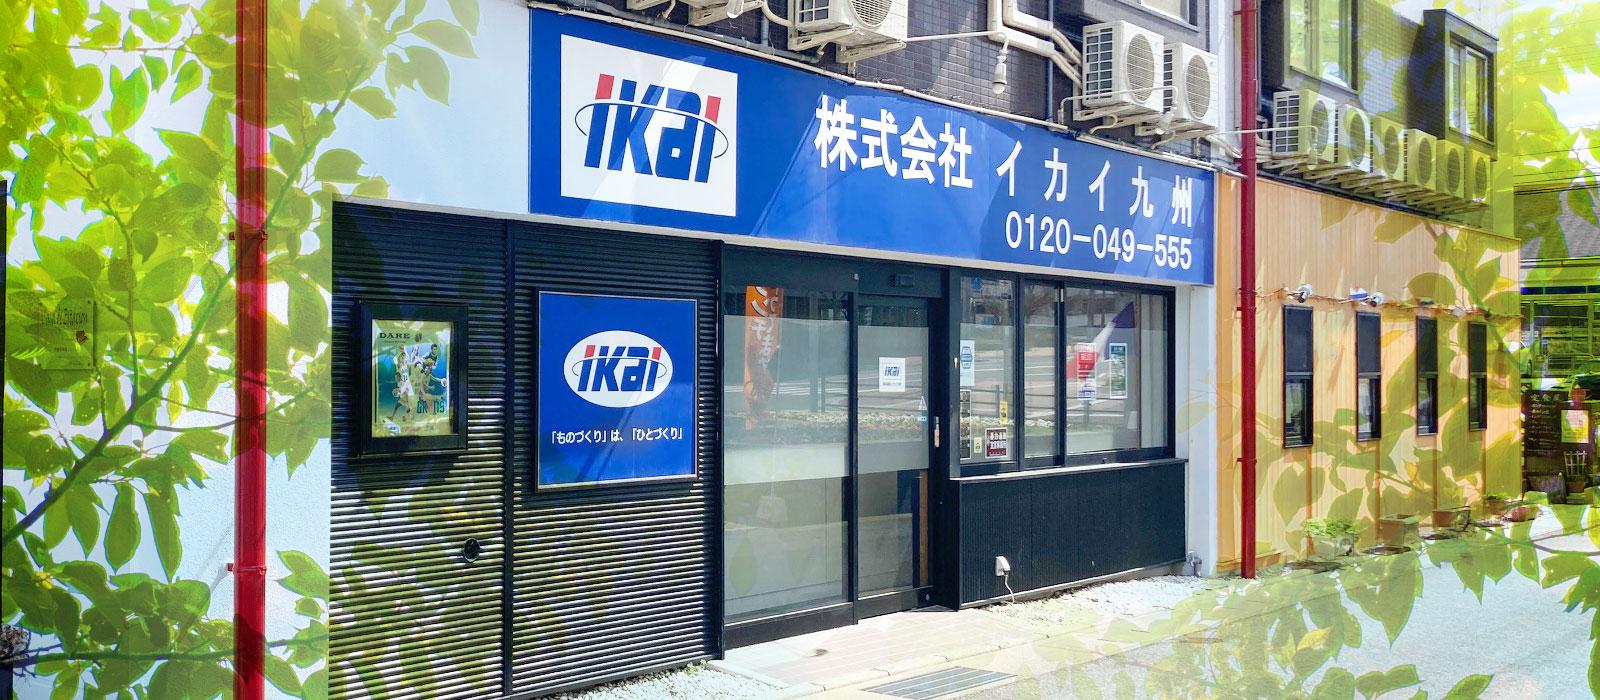 イカイ九州は、九州地区の製造請負・製造派遣を行うものづくりのプロ集団です